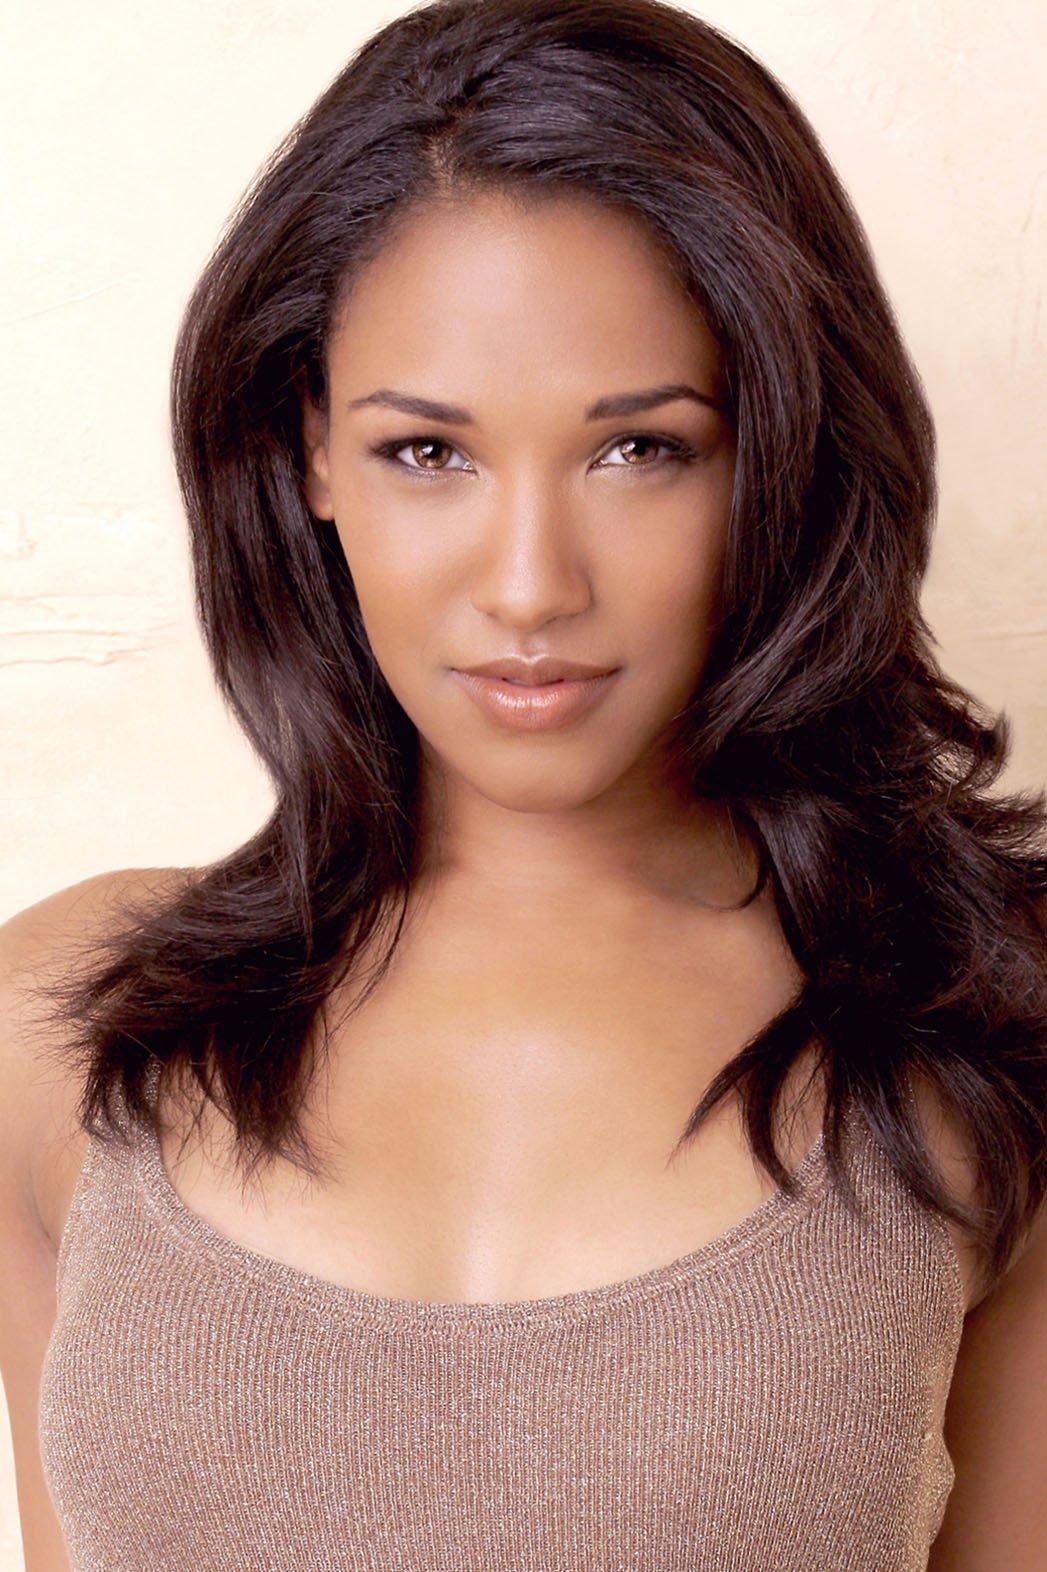 Candice Patton rejoint le casting de The Flash dans le rôle de Iris West